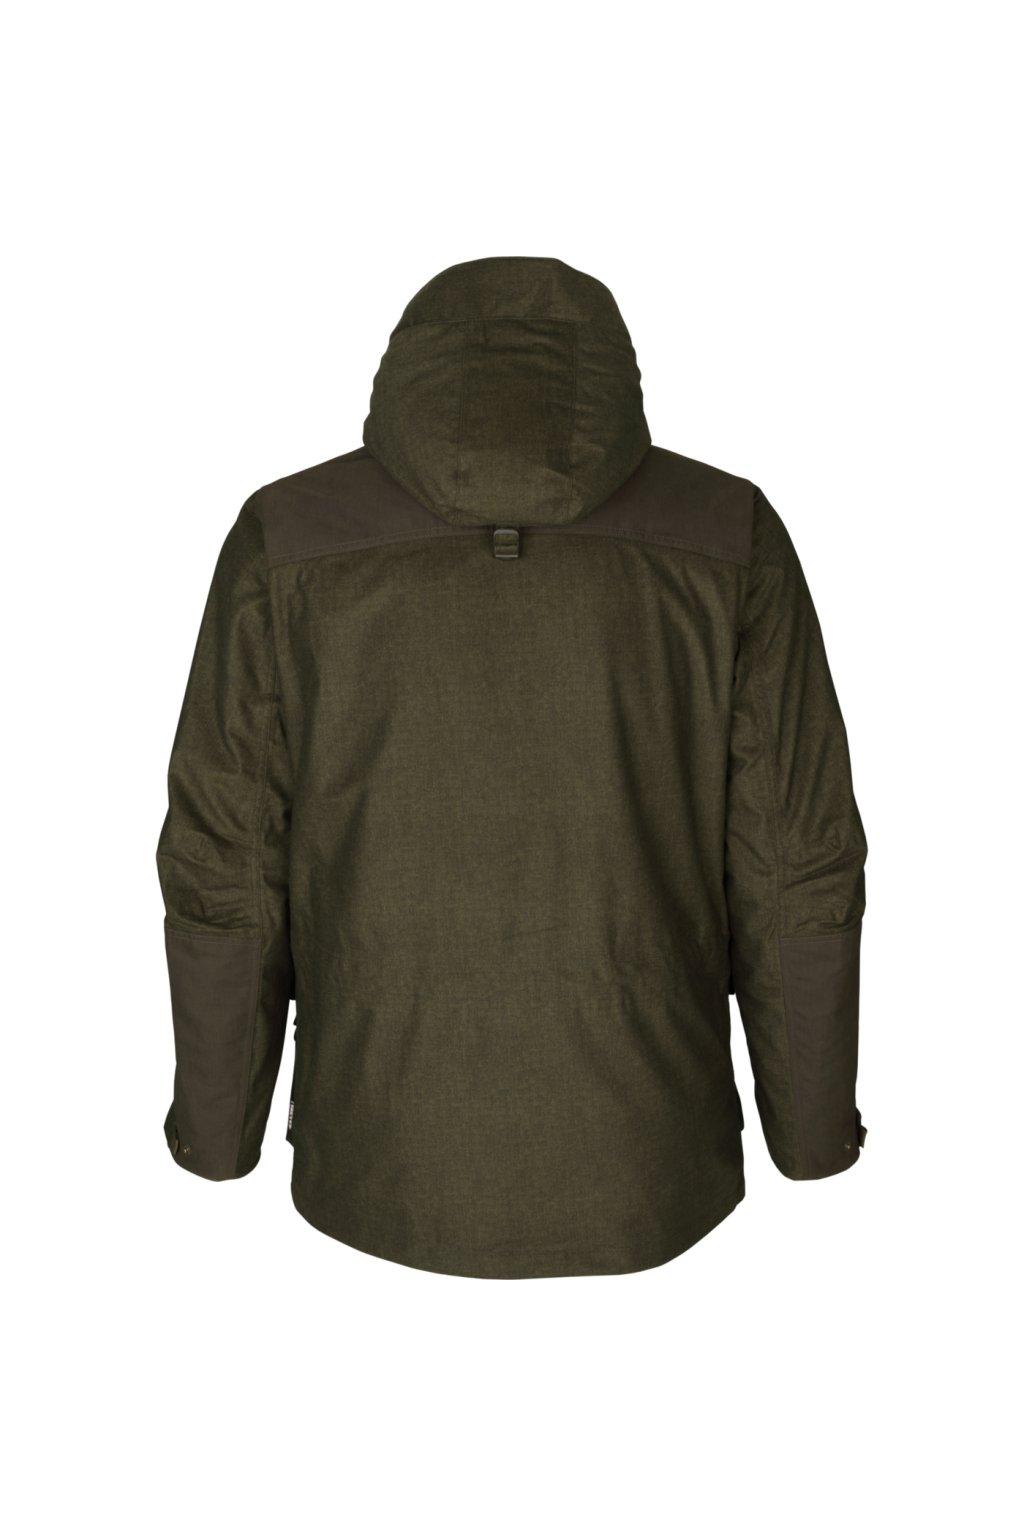 Seeland - North zimní bunda pánská (dva v jednom)